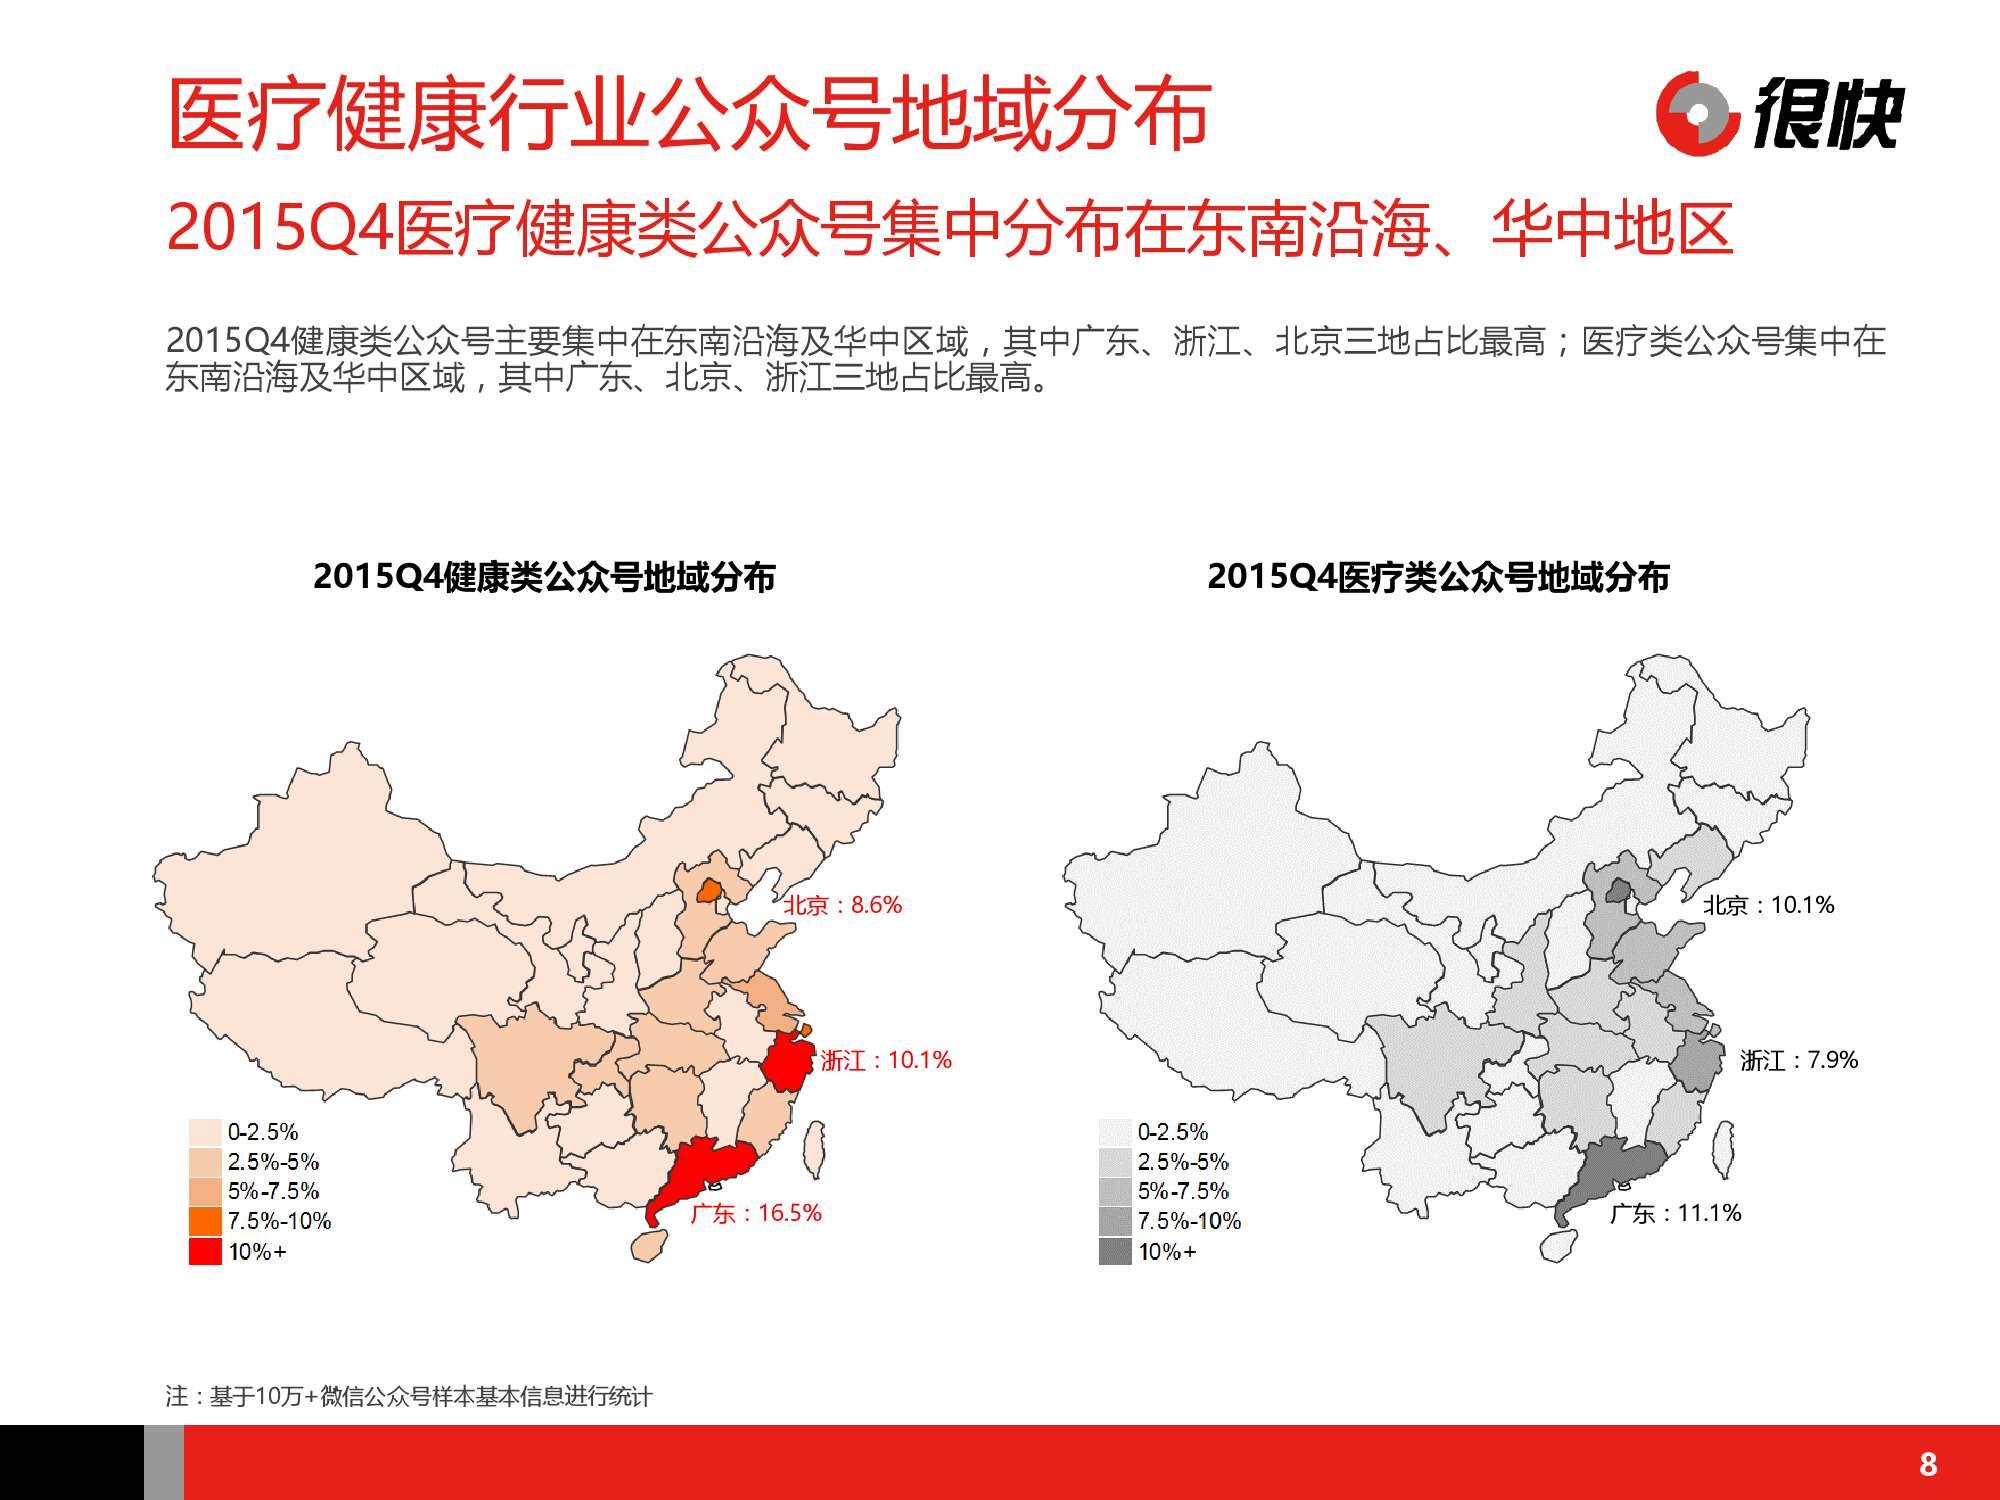 Henkuai-中国医疗健康行业公众号数据洞察报告-20160115_000008